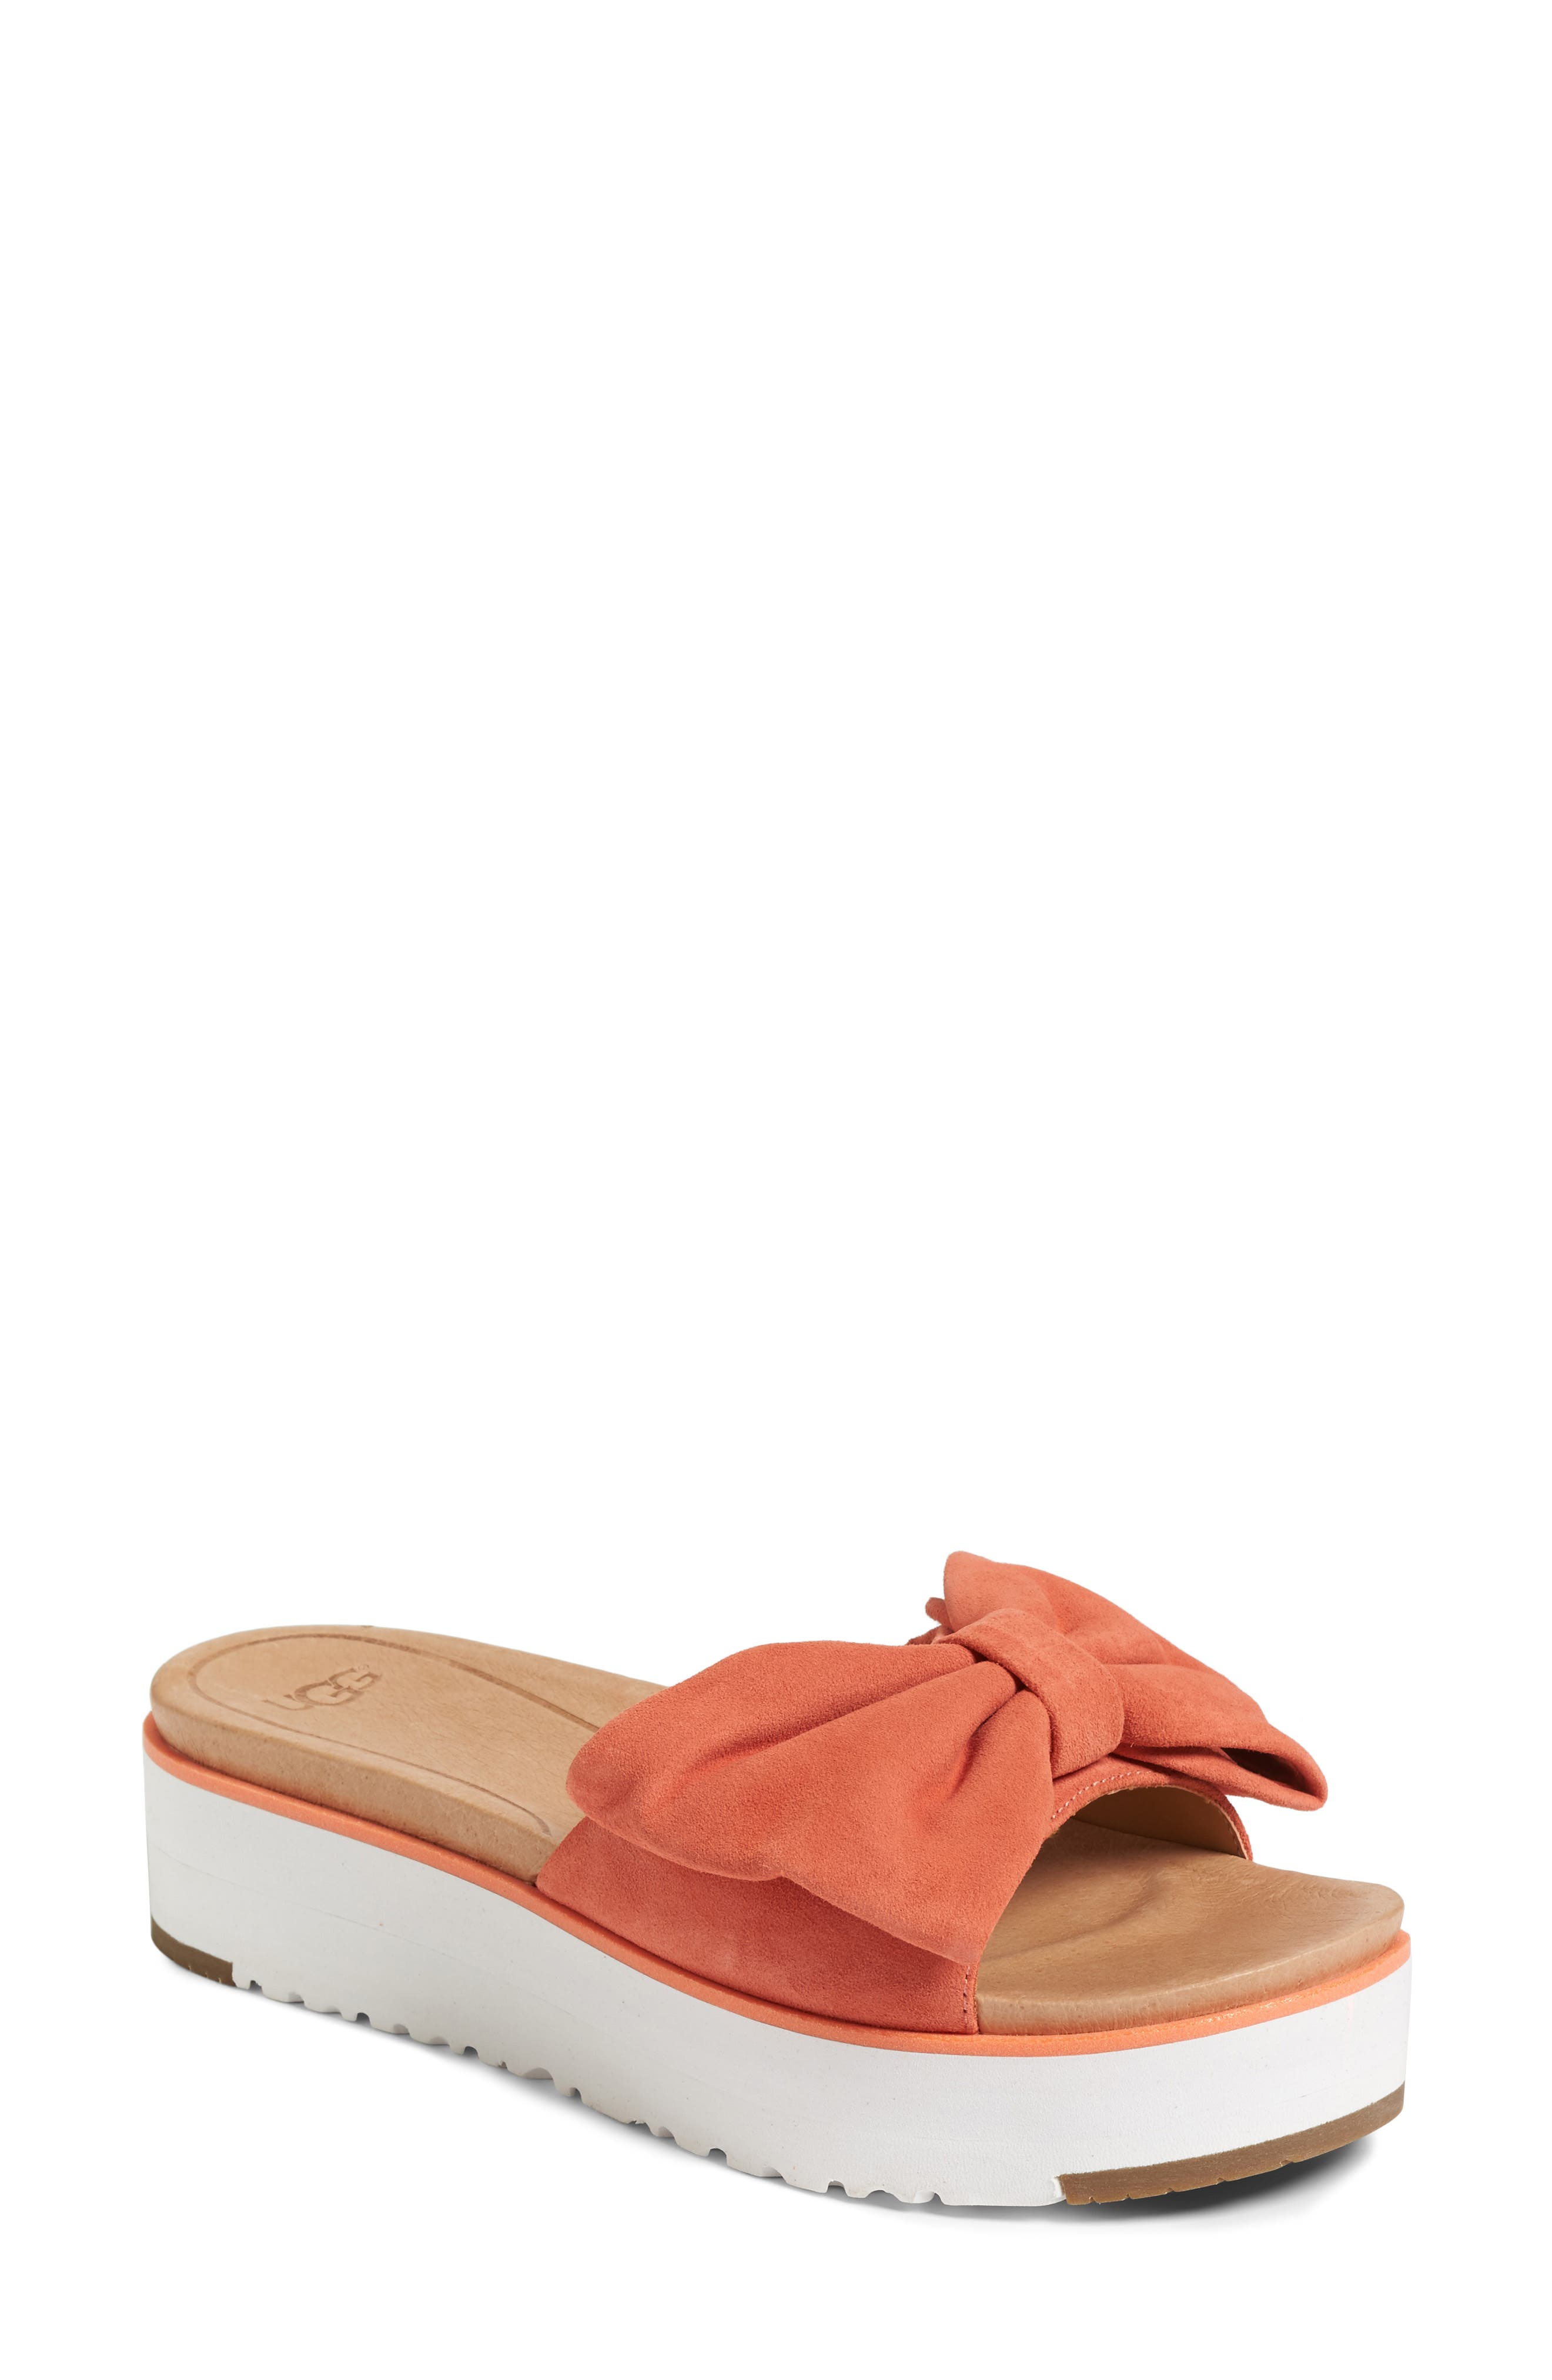 451b493ab79 Ugg Joan Platform Sandal In Vibrant Coral Suede